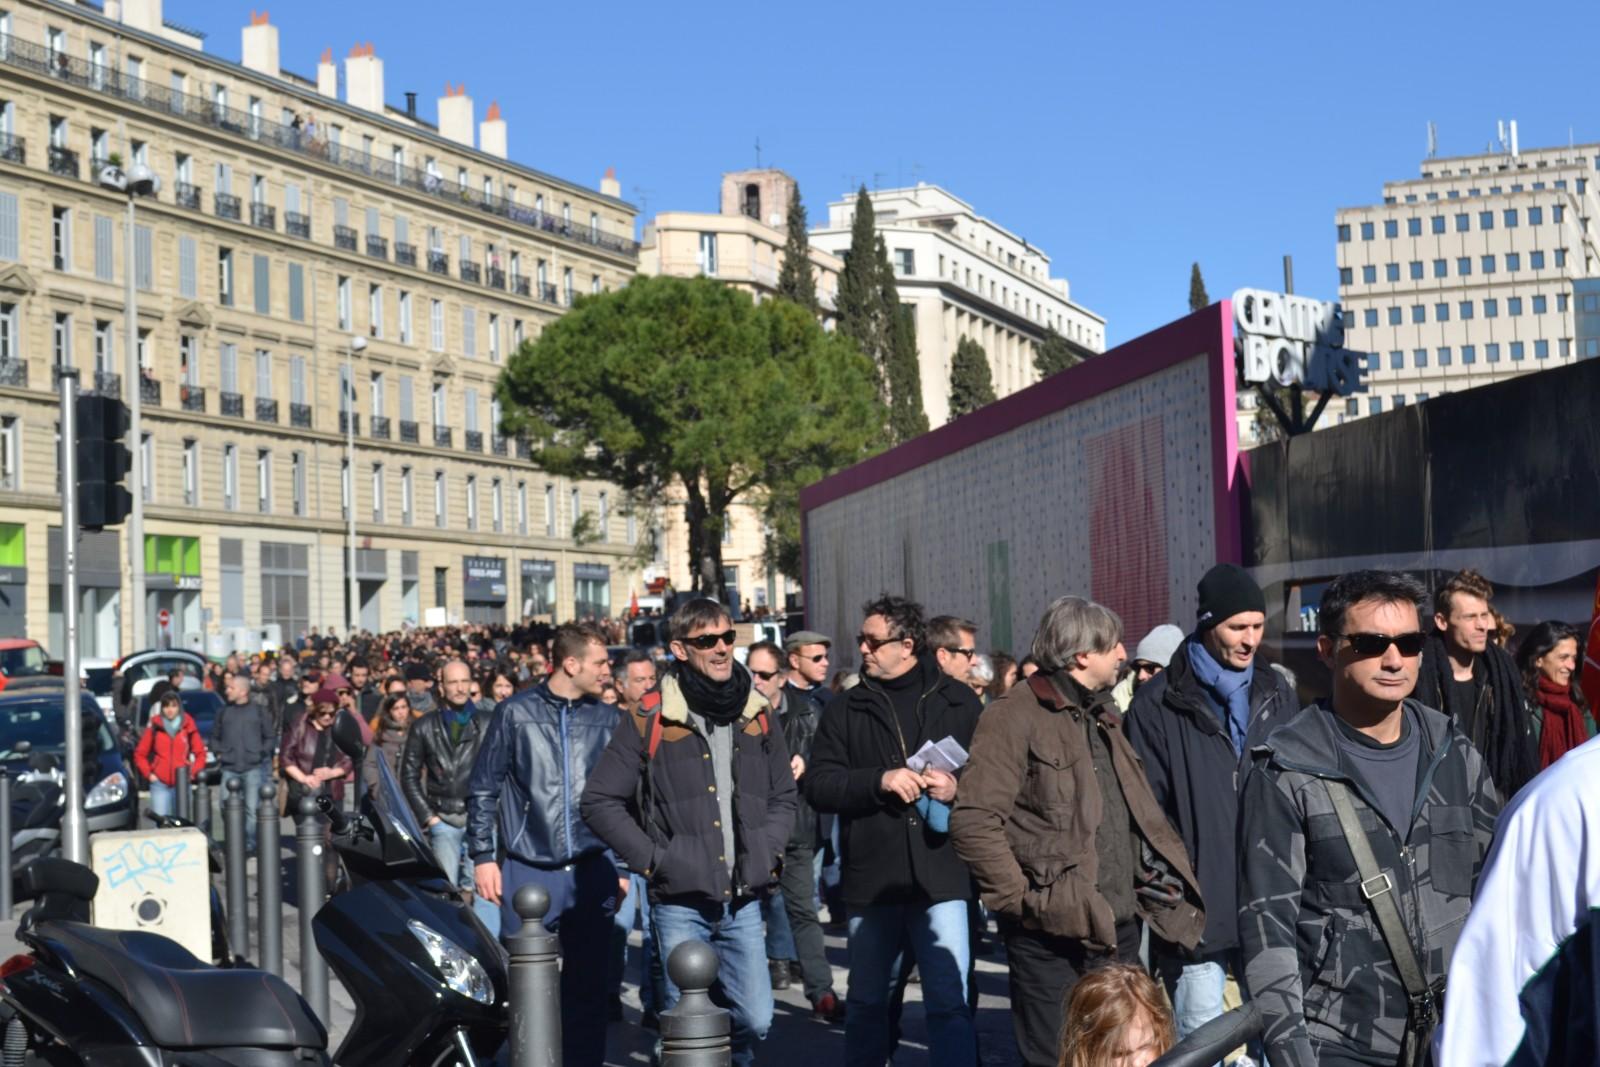 Manifestation pour le maintien du statut des intermittents du spectacle, à Marseille le 27 février 2014. ©MD